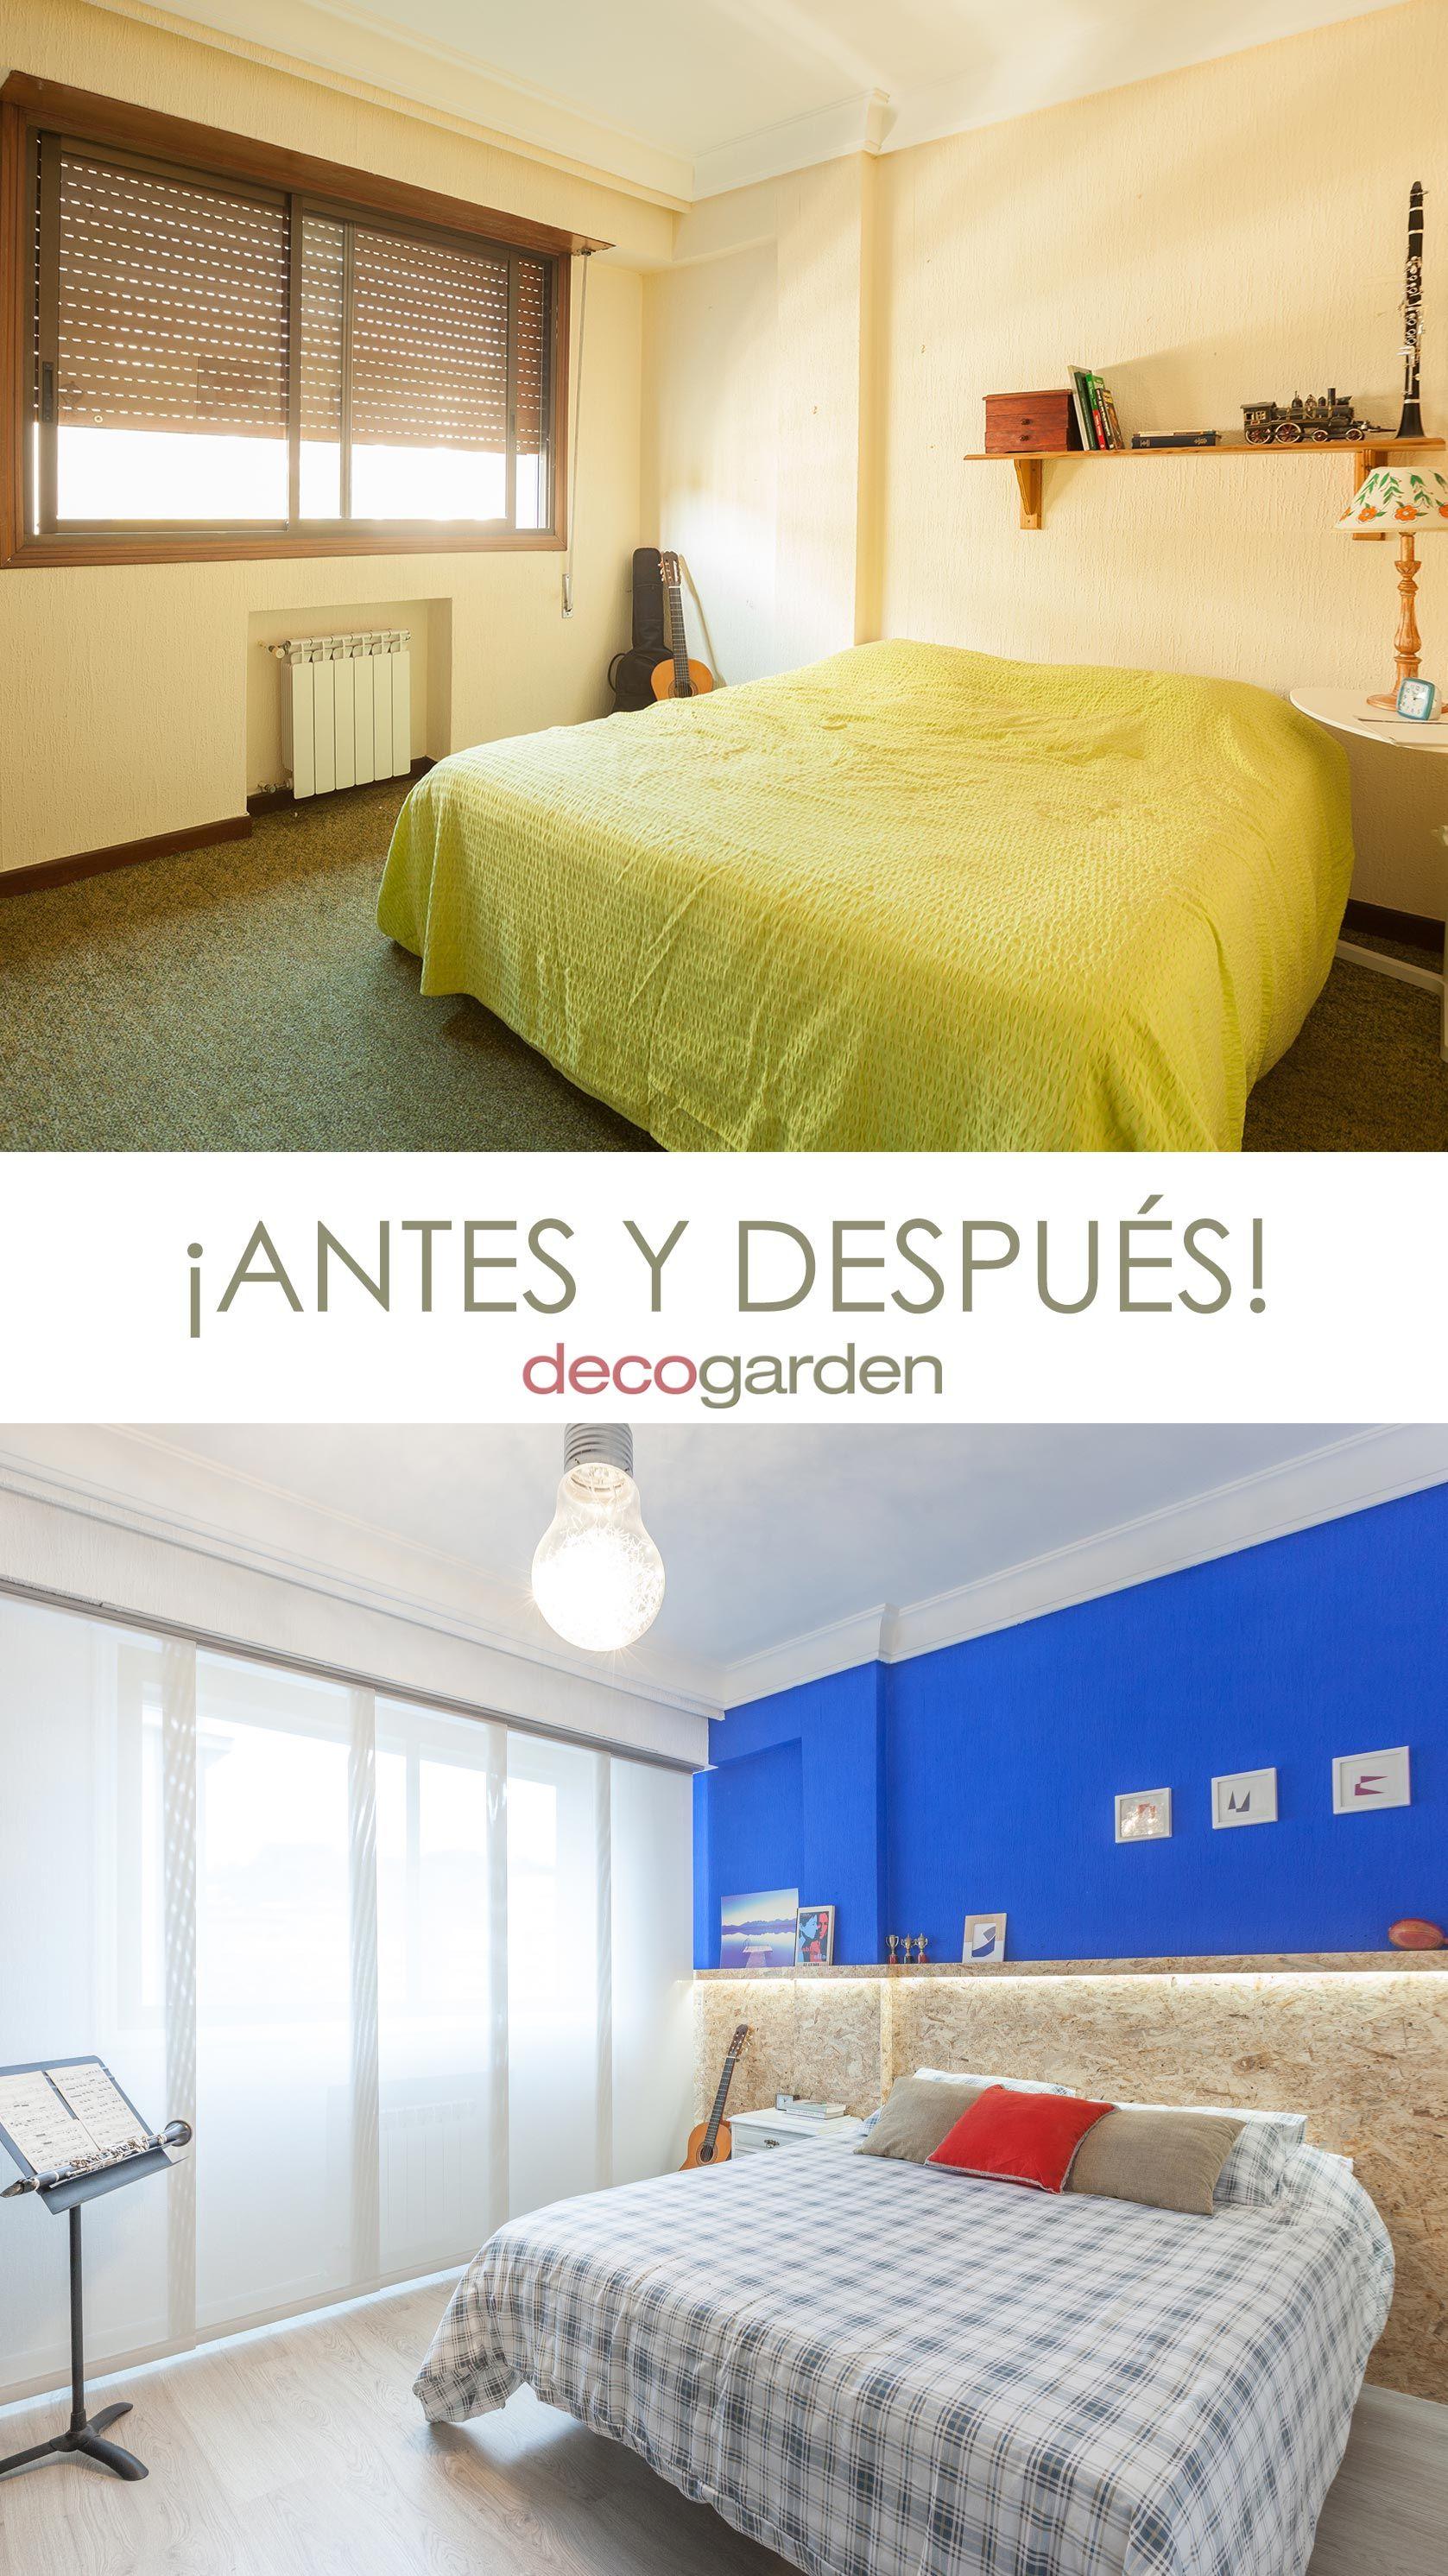 Décorer une chambre de jeunesse bleue - avant et après